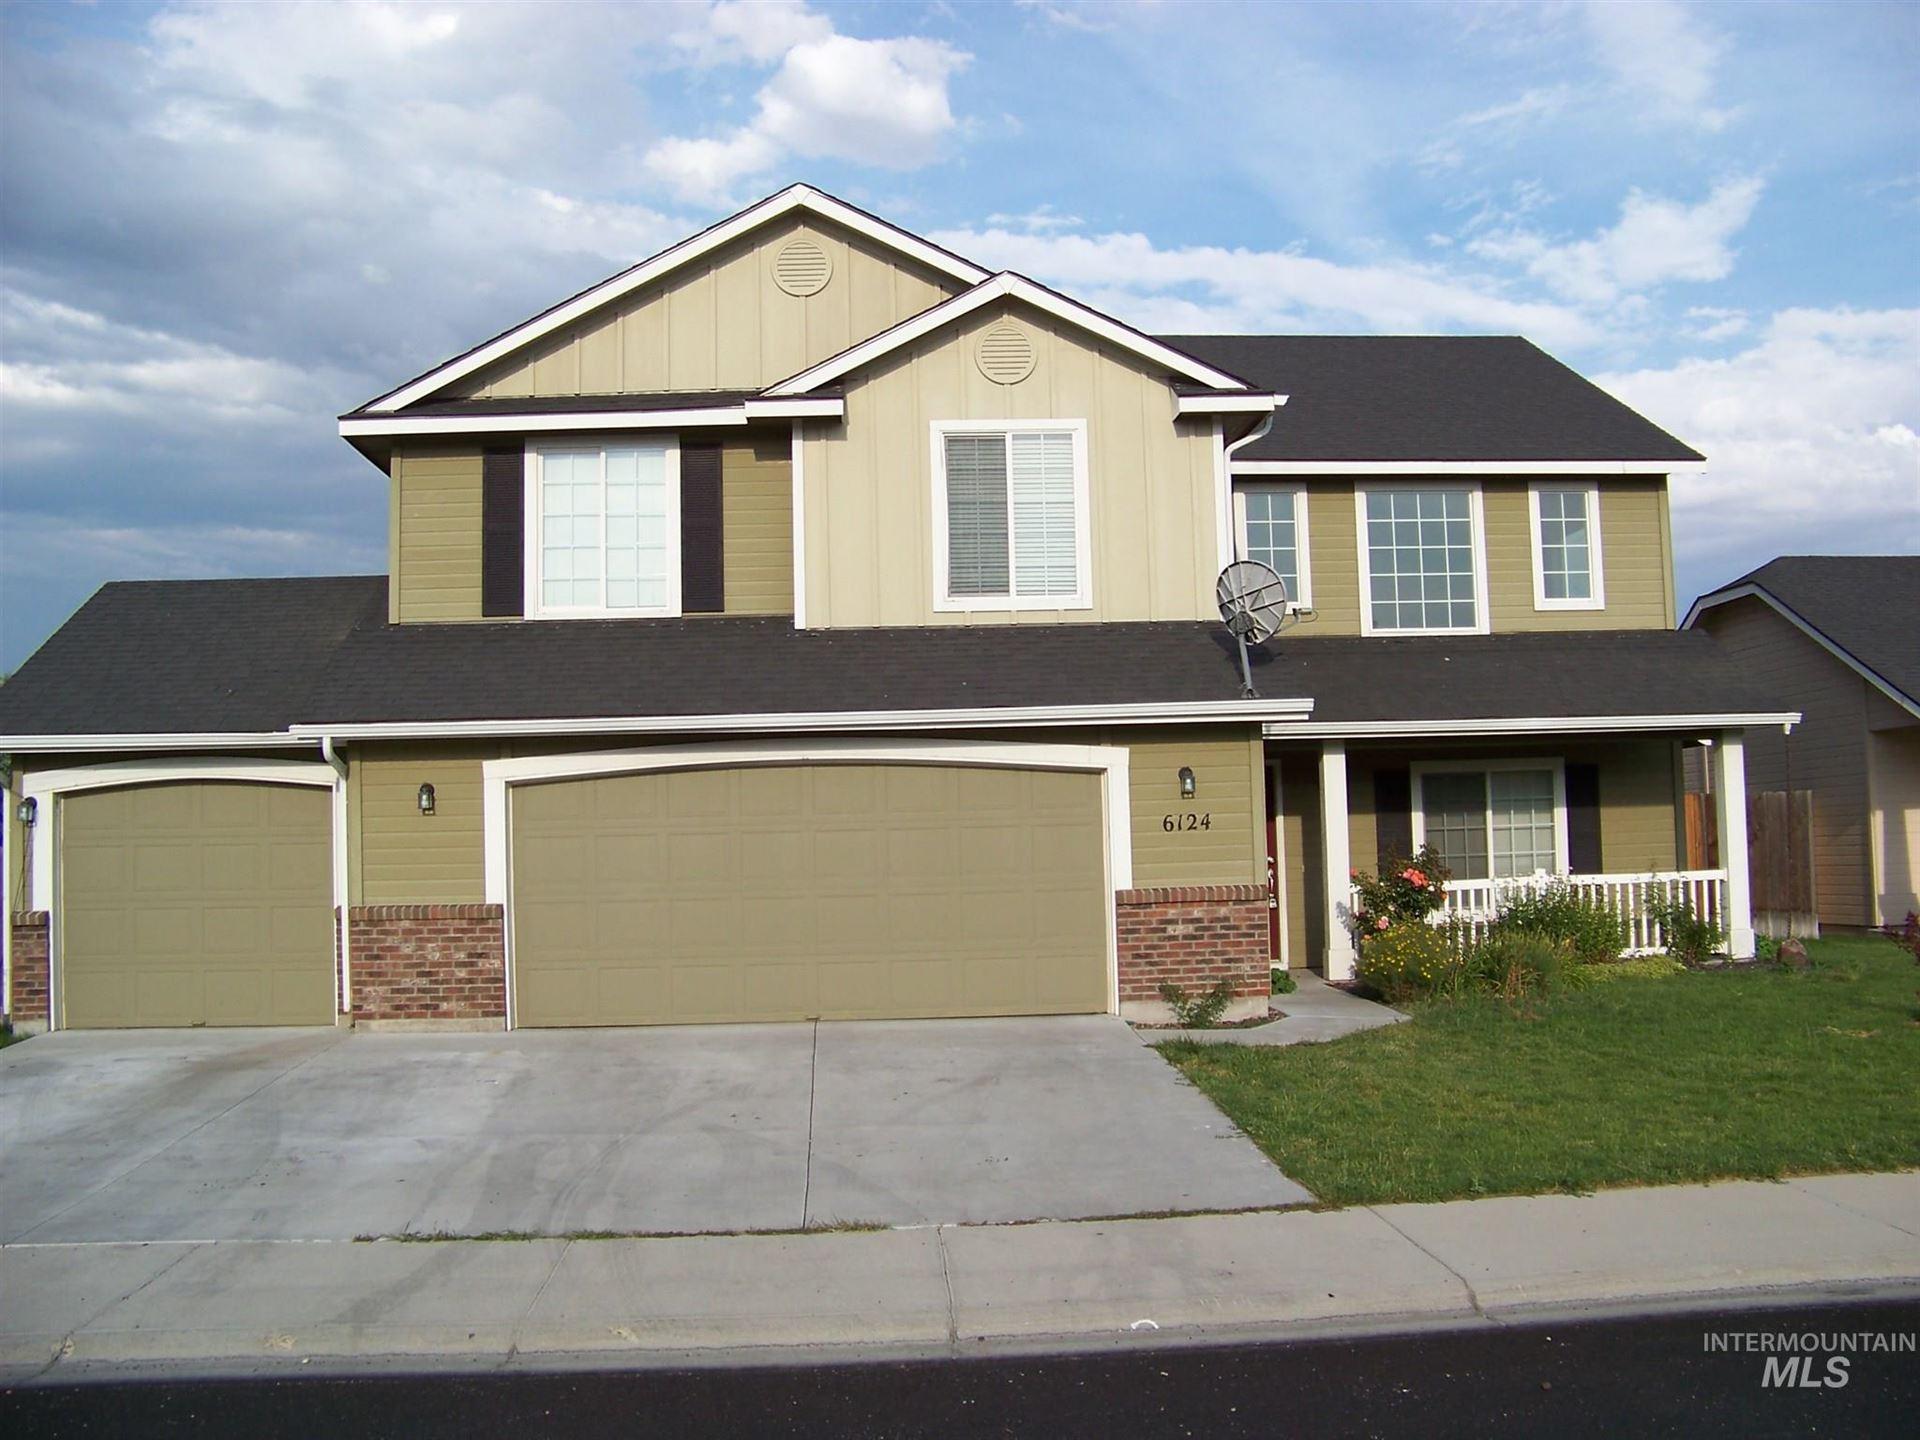 6124 S Sea Breeze Way, Boise, ID 83709 - MLS#: 98767546